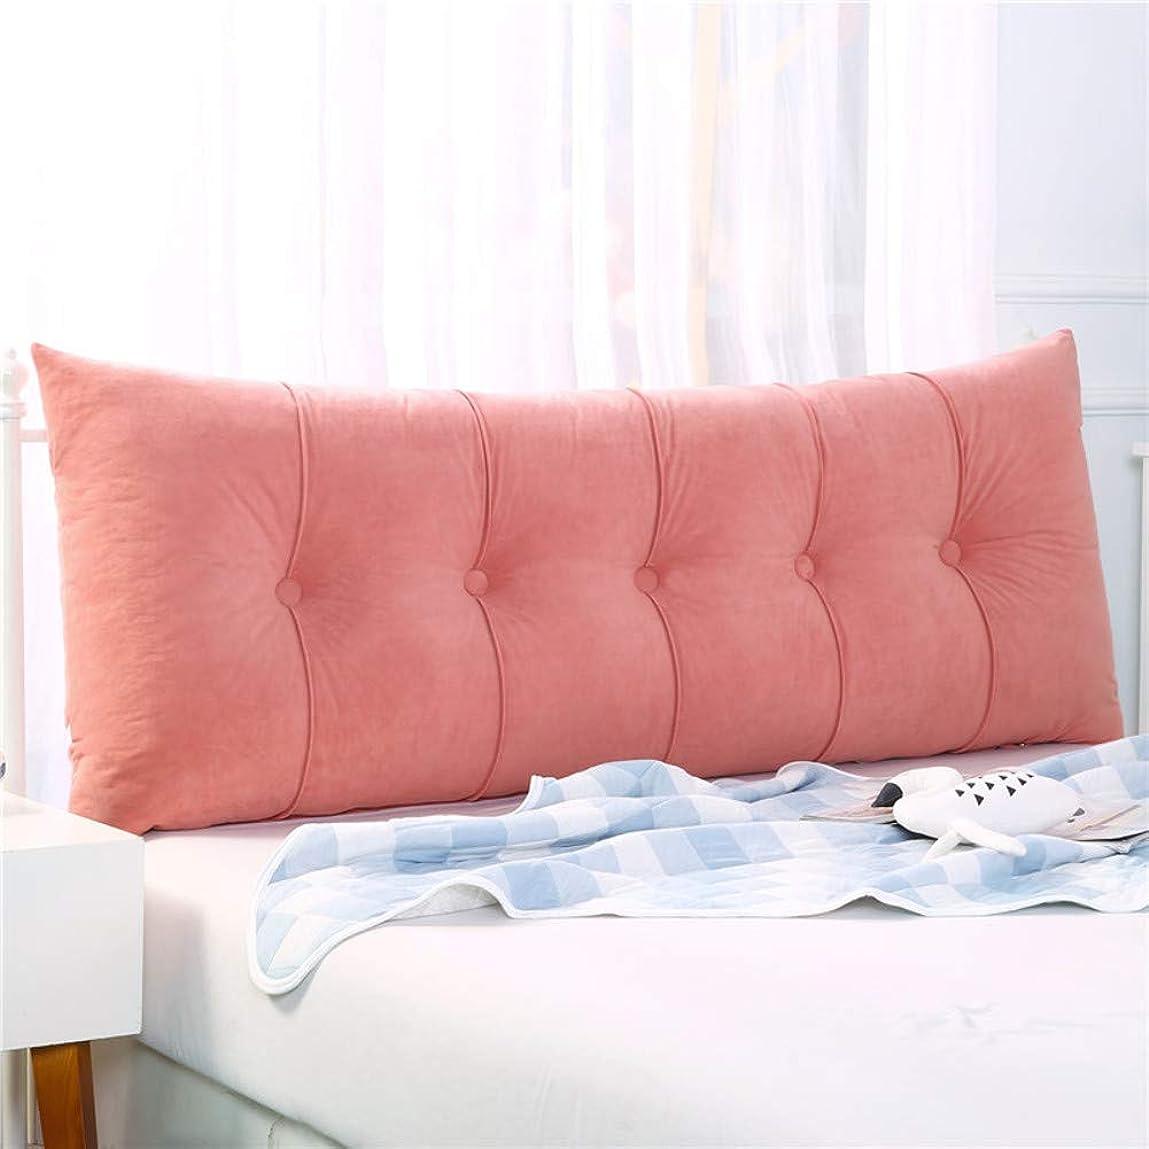 サスペンションプランターご飯3-次元 ダブル ウェッジ枕,三角 読ん 枕 ヘッドボード 背もたれ 畳 ベッド 戻る クッション ベイウィンドウ 枕-g 150x60x20cm(59x24x8inch)